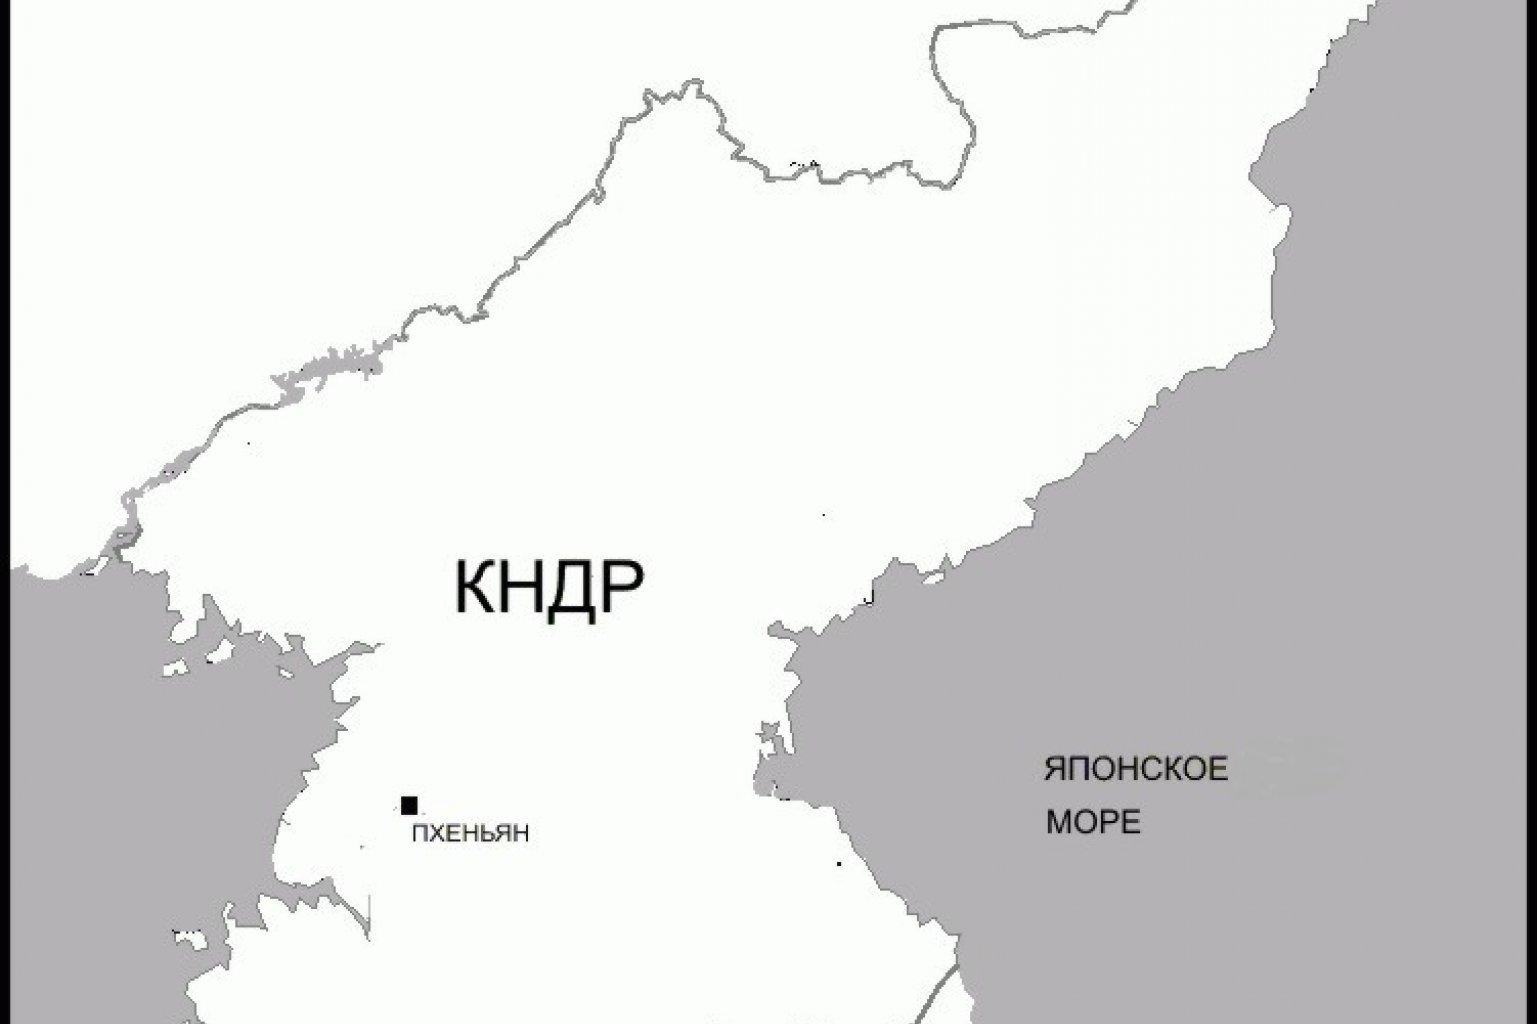 Корейская народно-демократическая республика  (кндр) (северная корея)